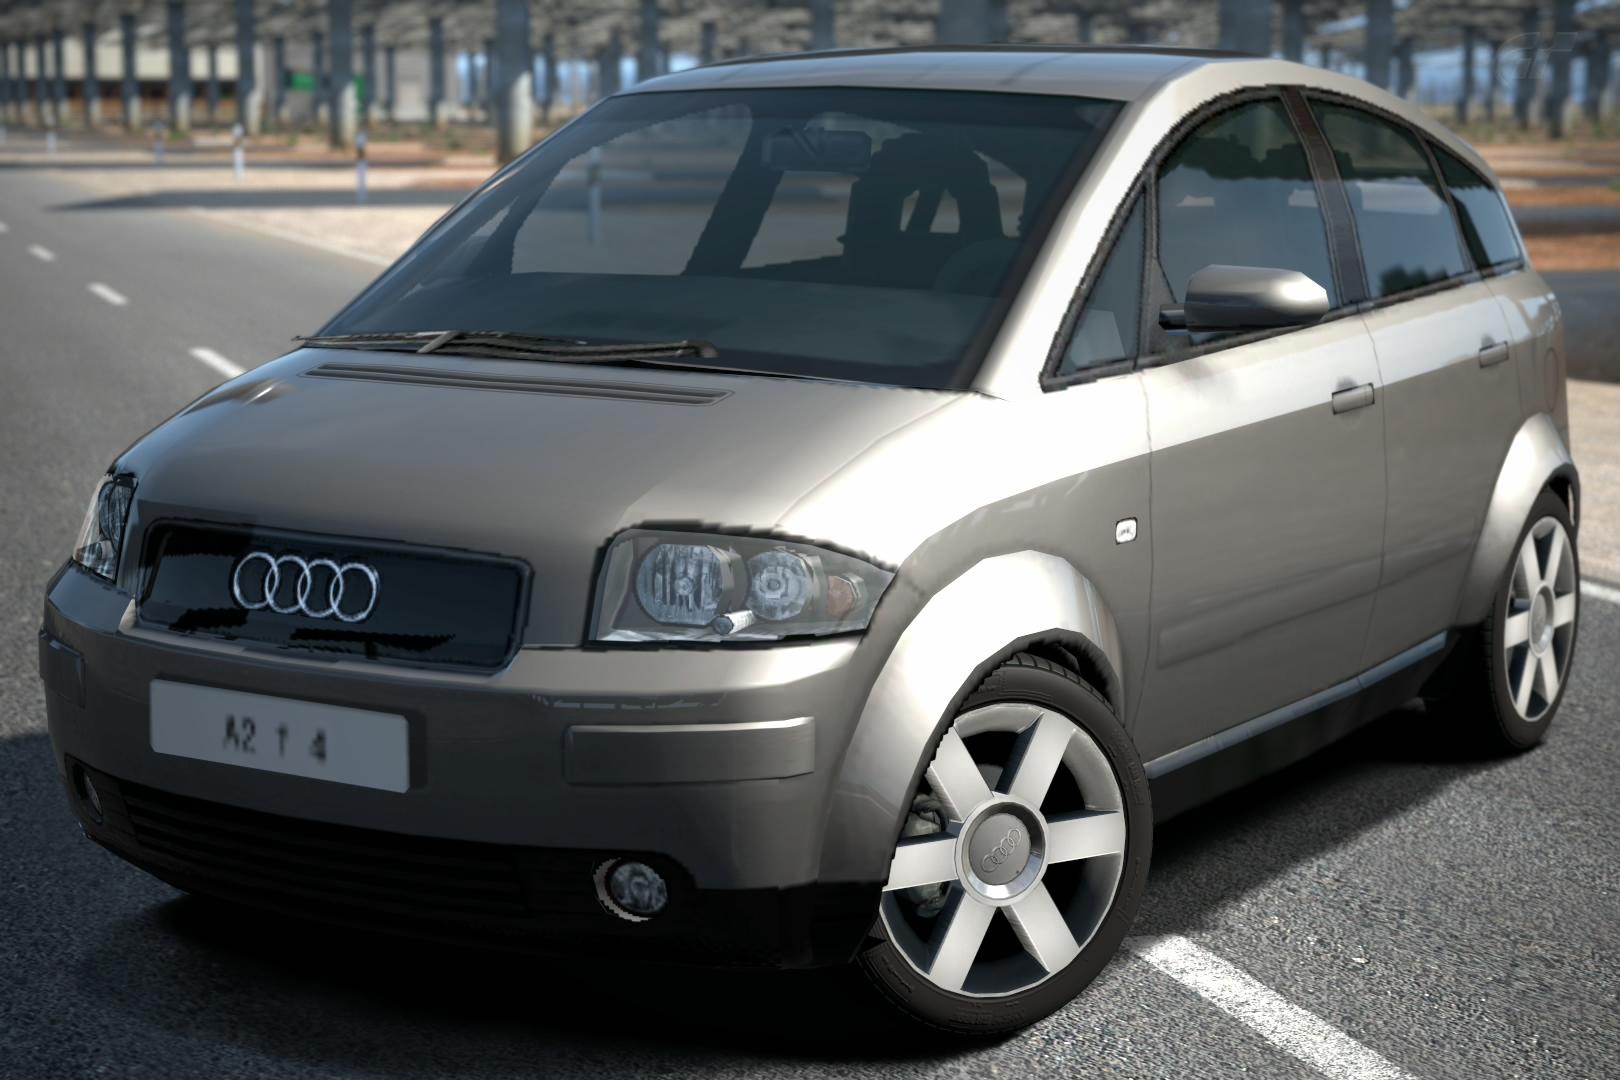 Kelebihan Kekurangan Audi A2 Harga